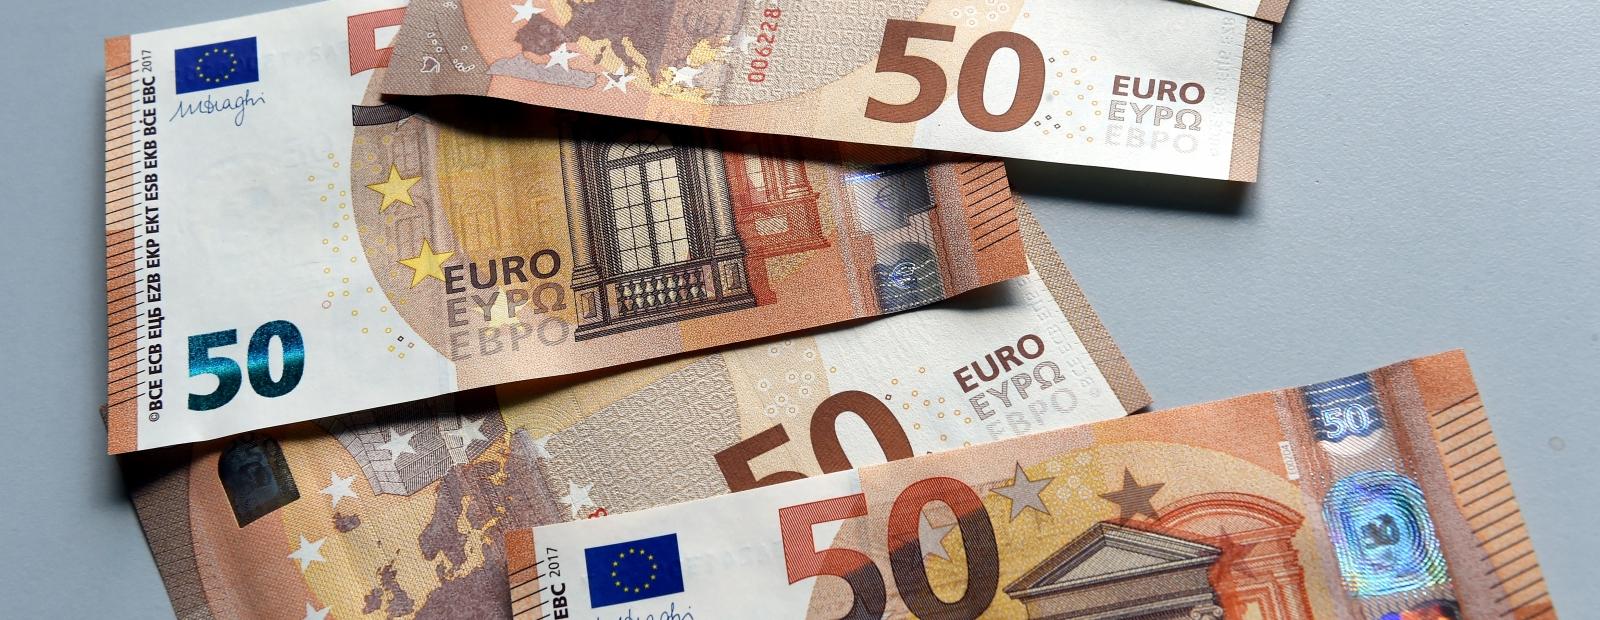 cik daudz naudas nopelnīji ar eiro ātra nauda jaunajā vietnē